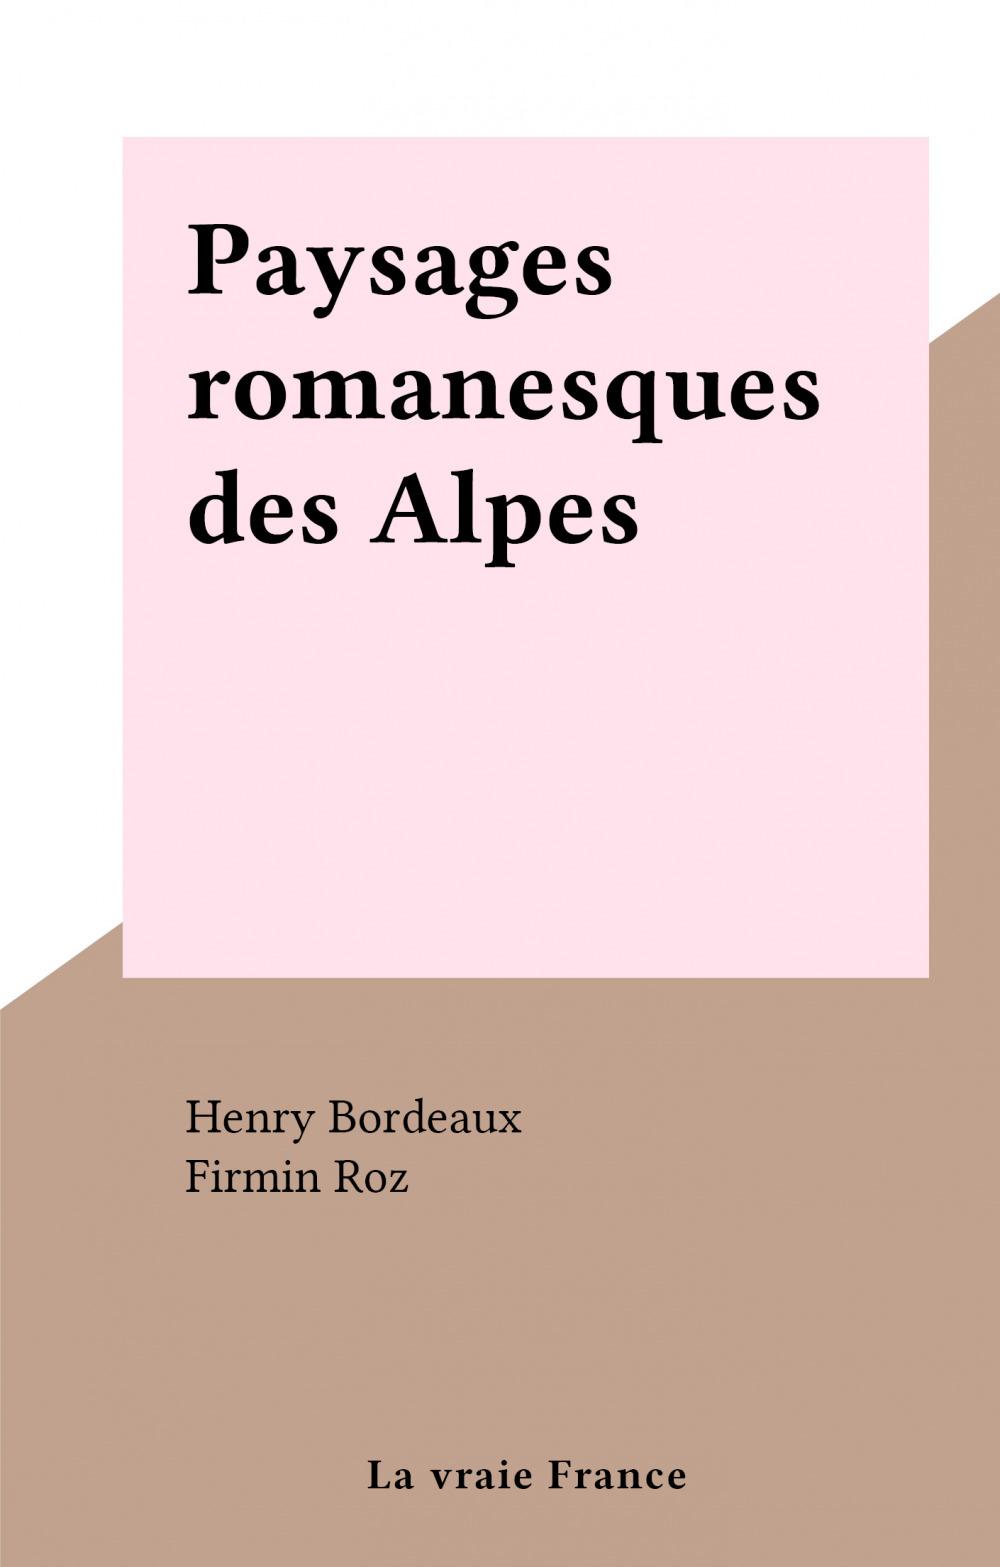 Paysages romanesques des Alpes